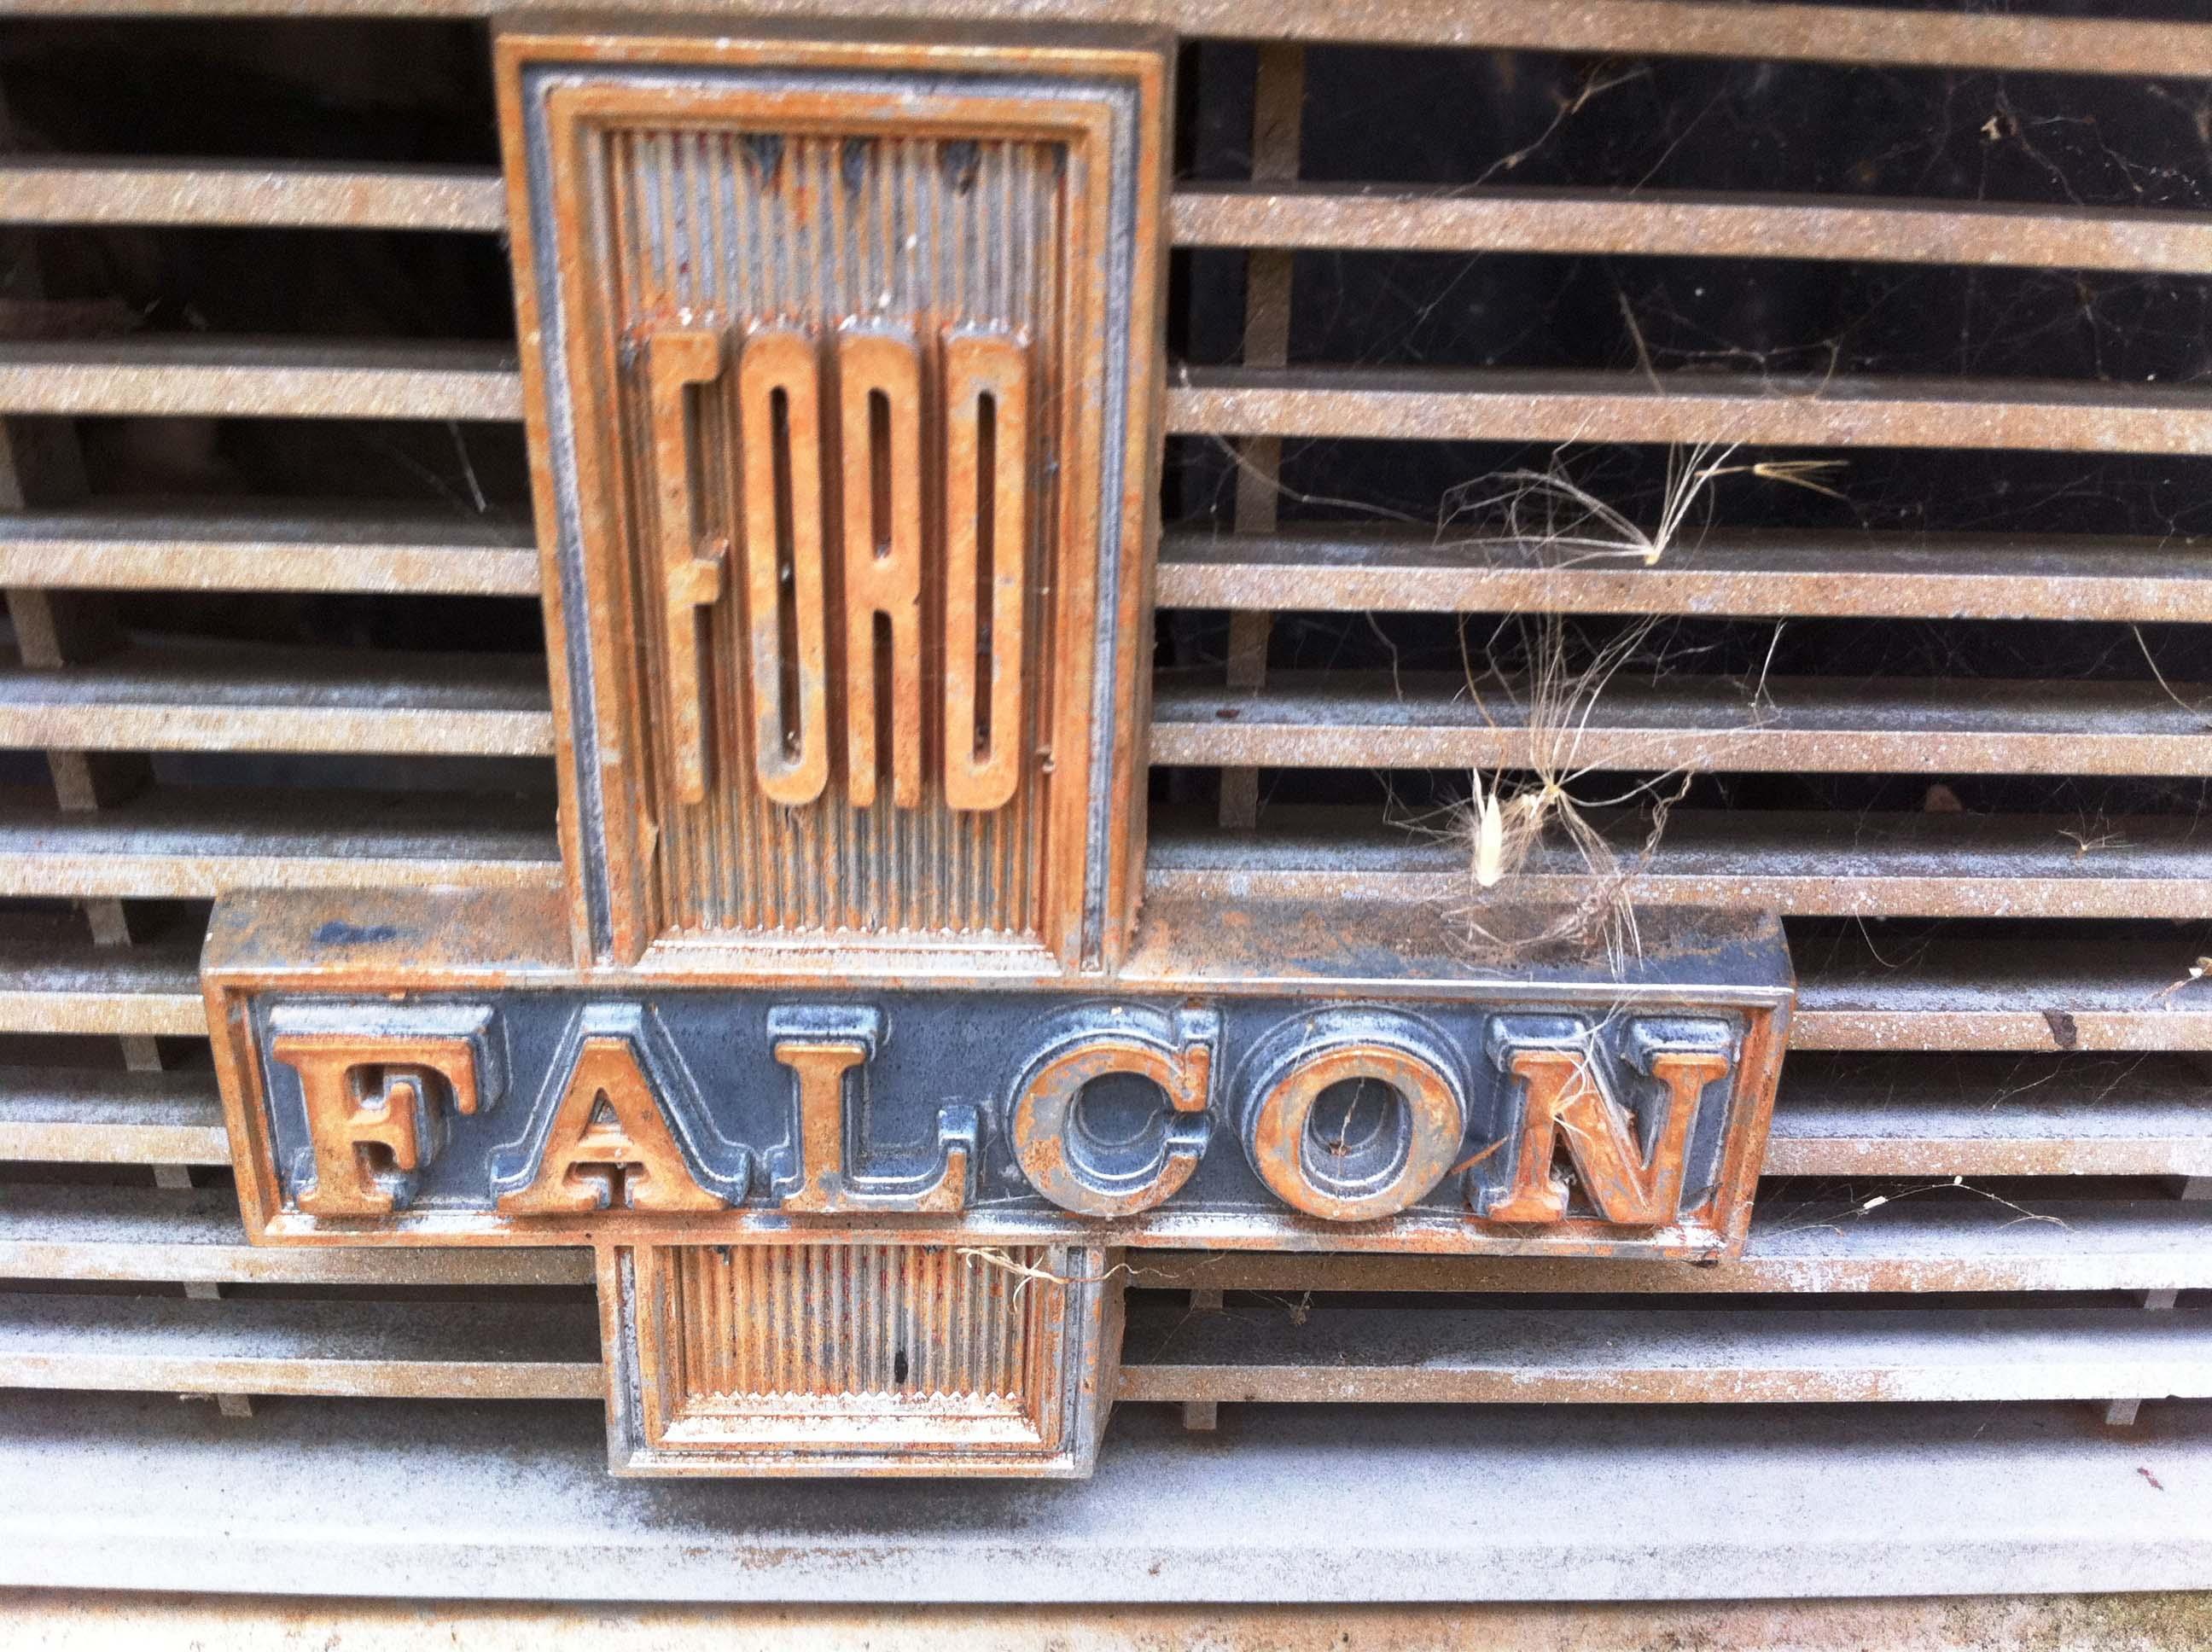 Ford Falcoln